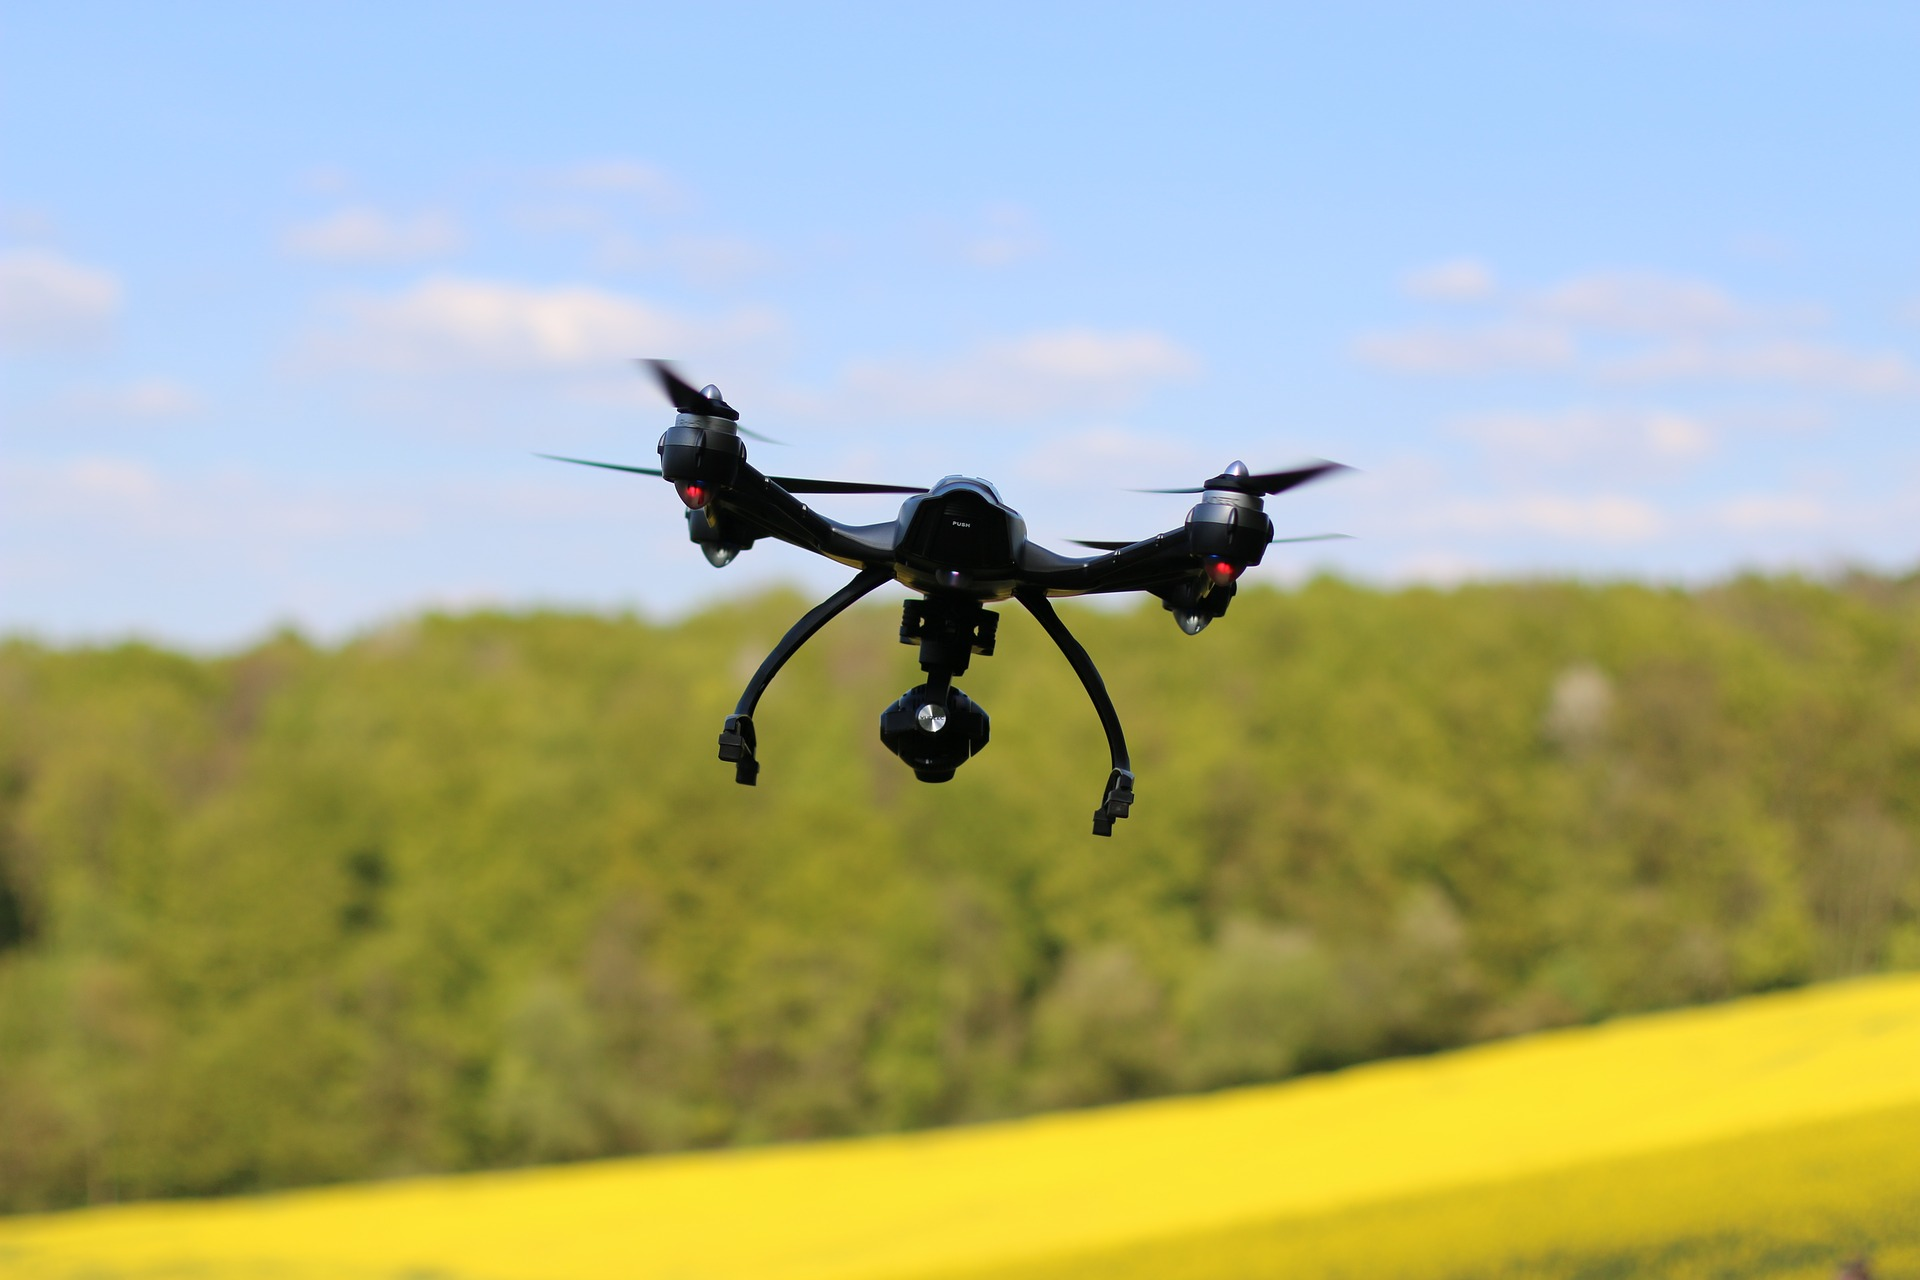 drone-1816506_1920